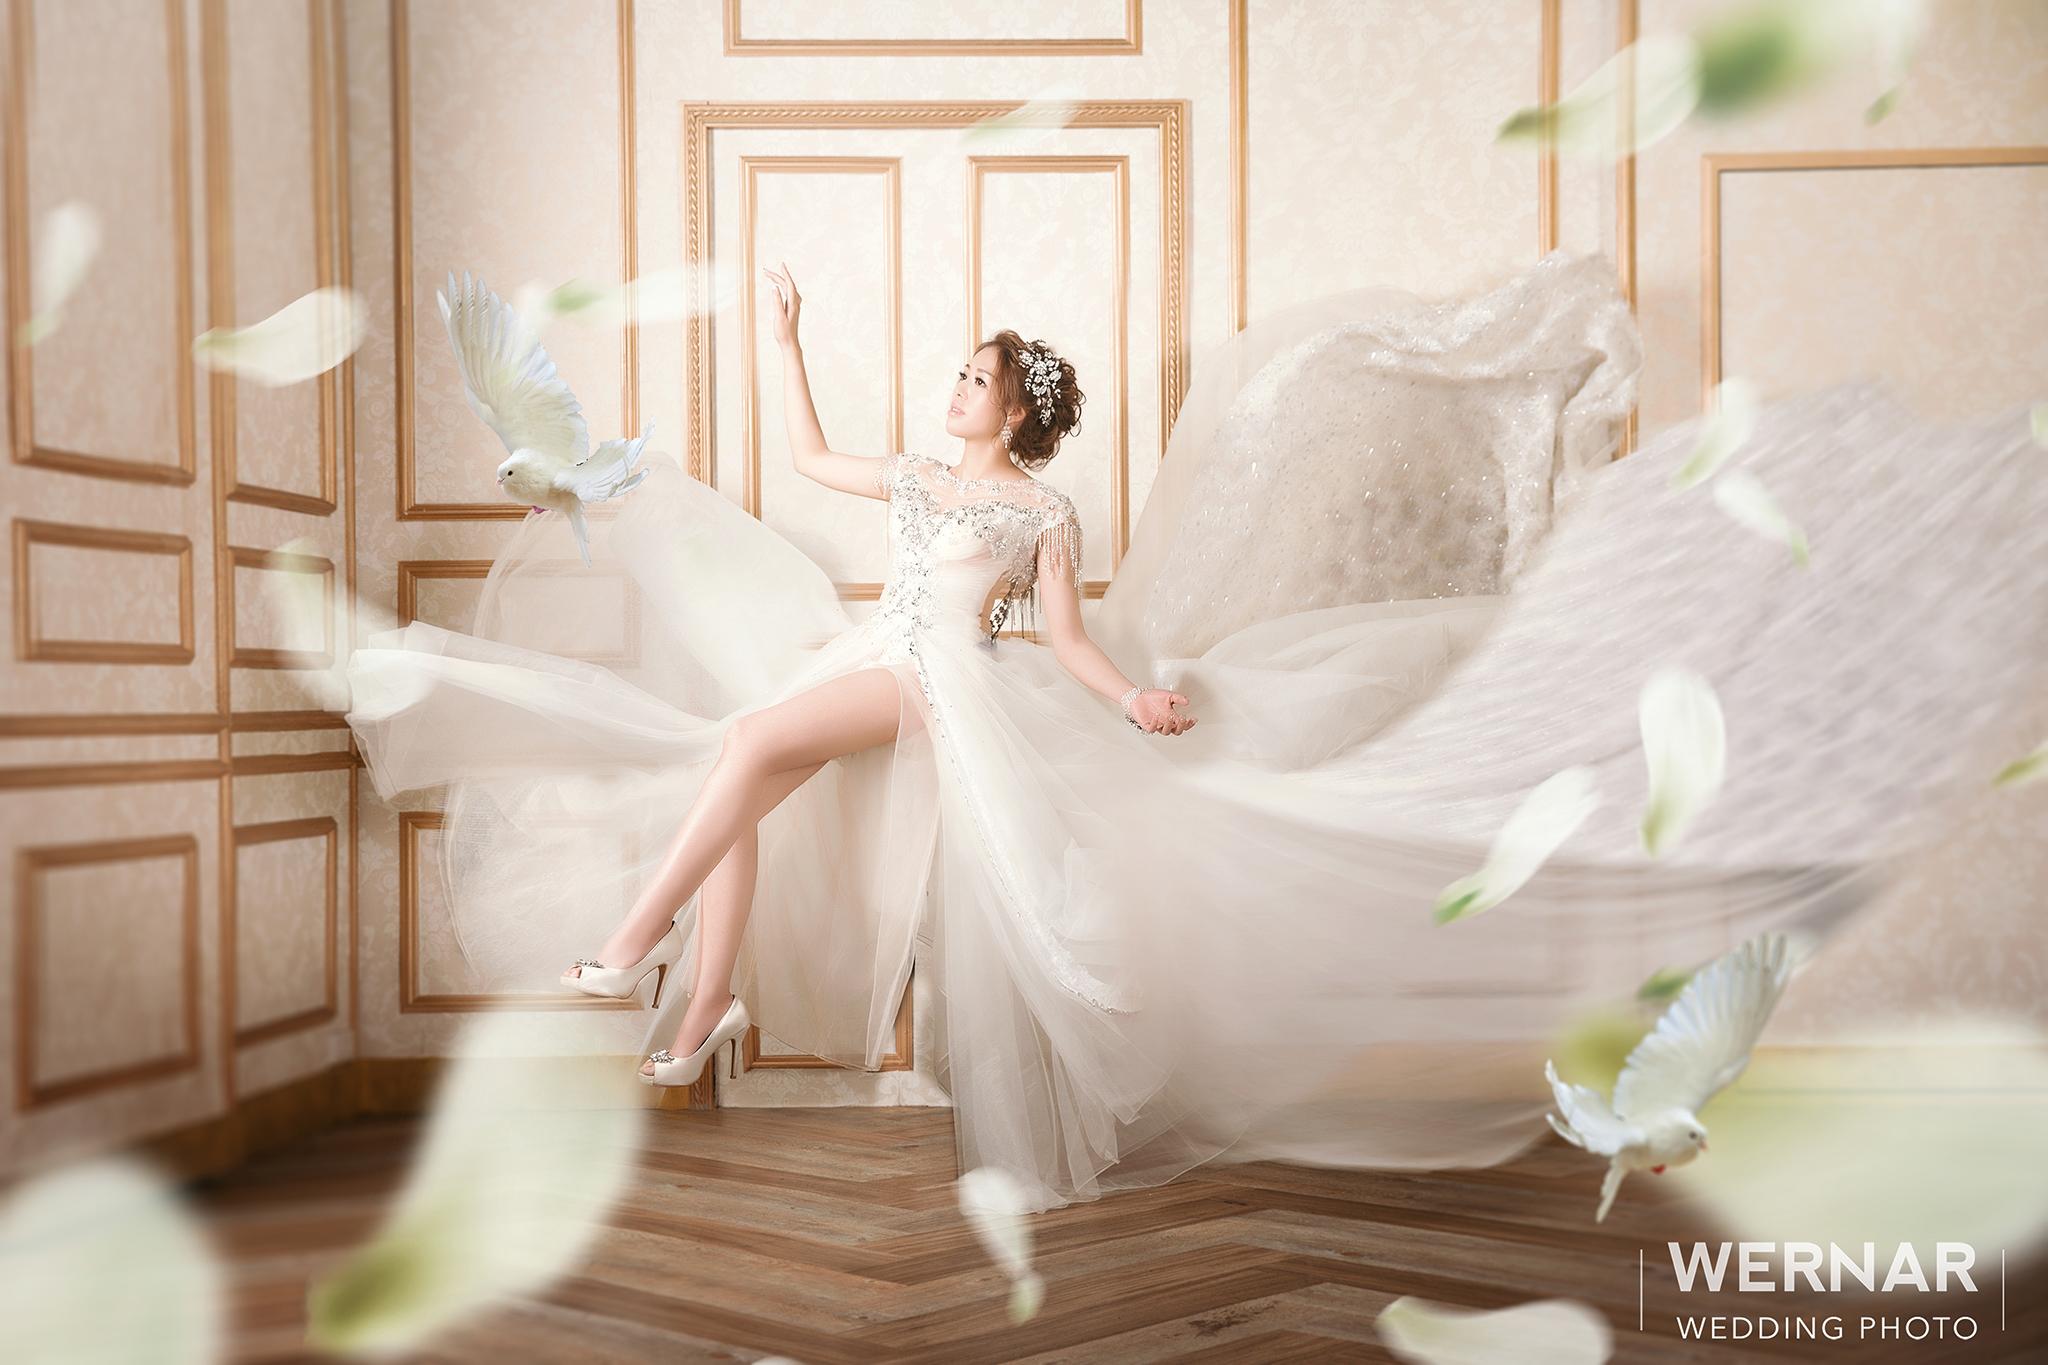 台中華納婚紗推薦婚紗攝影,自主婚紗,婚紗照